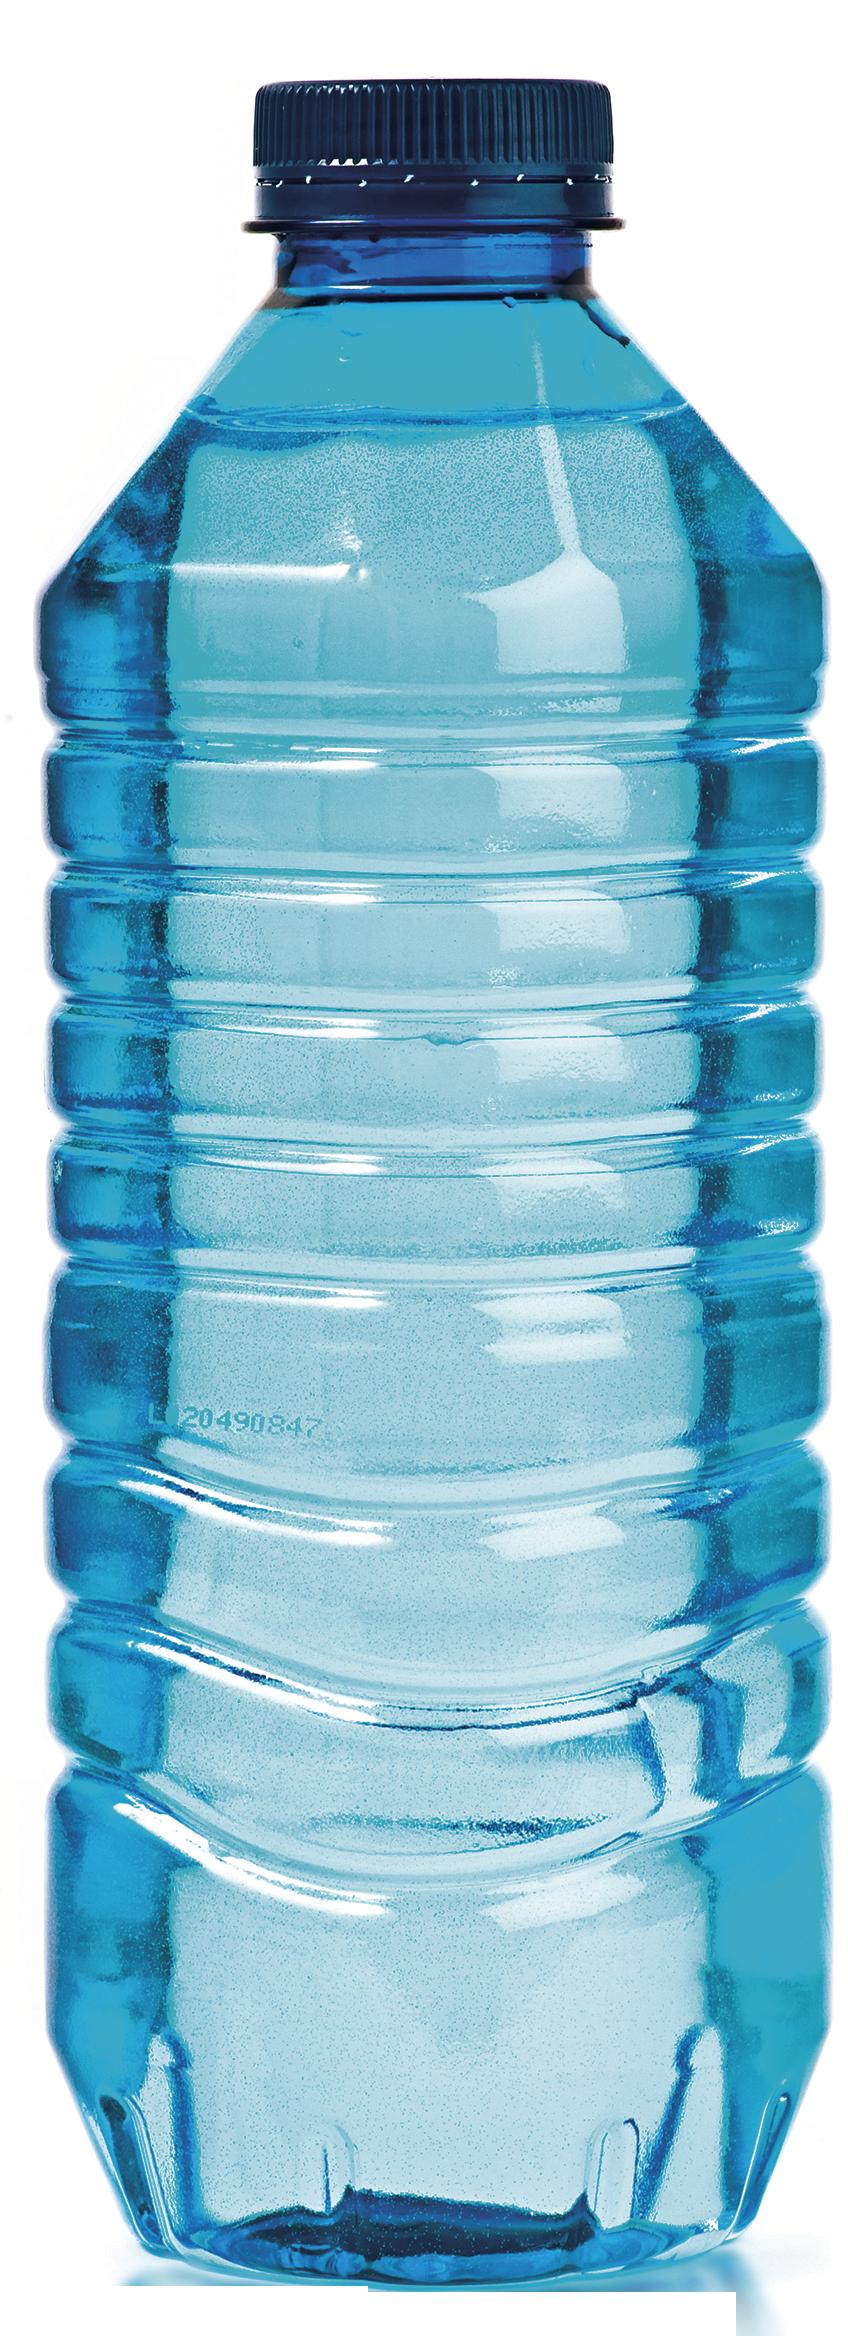 בקבוק פלסטיק למחזורית